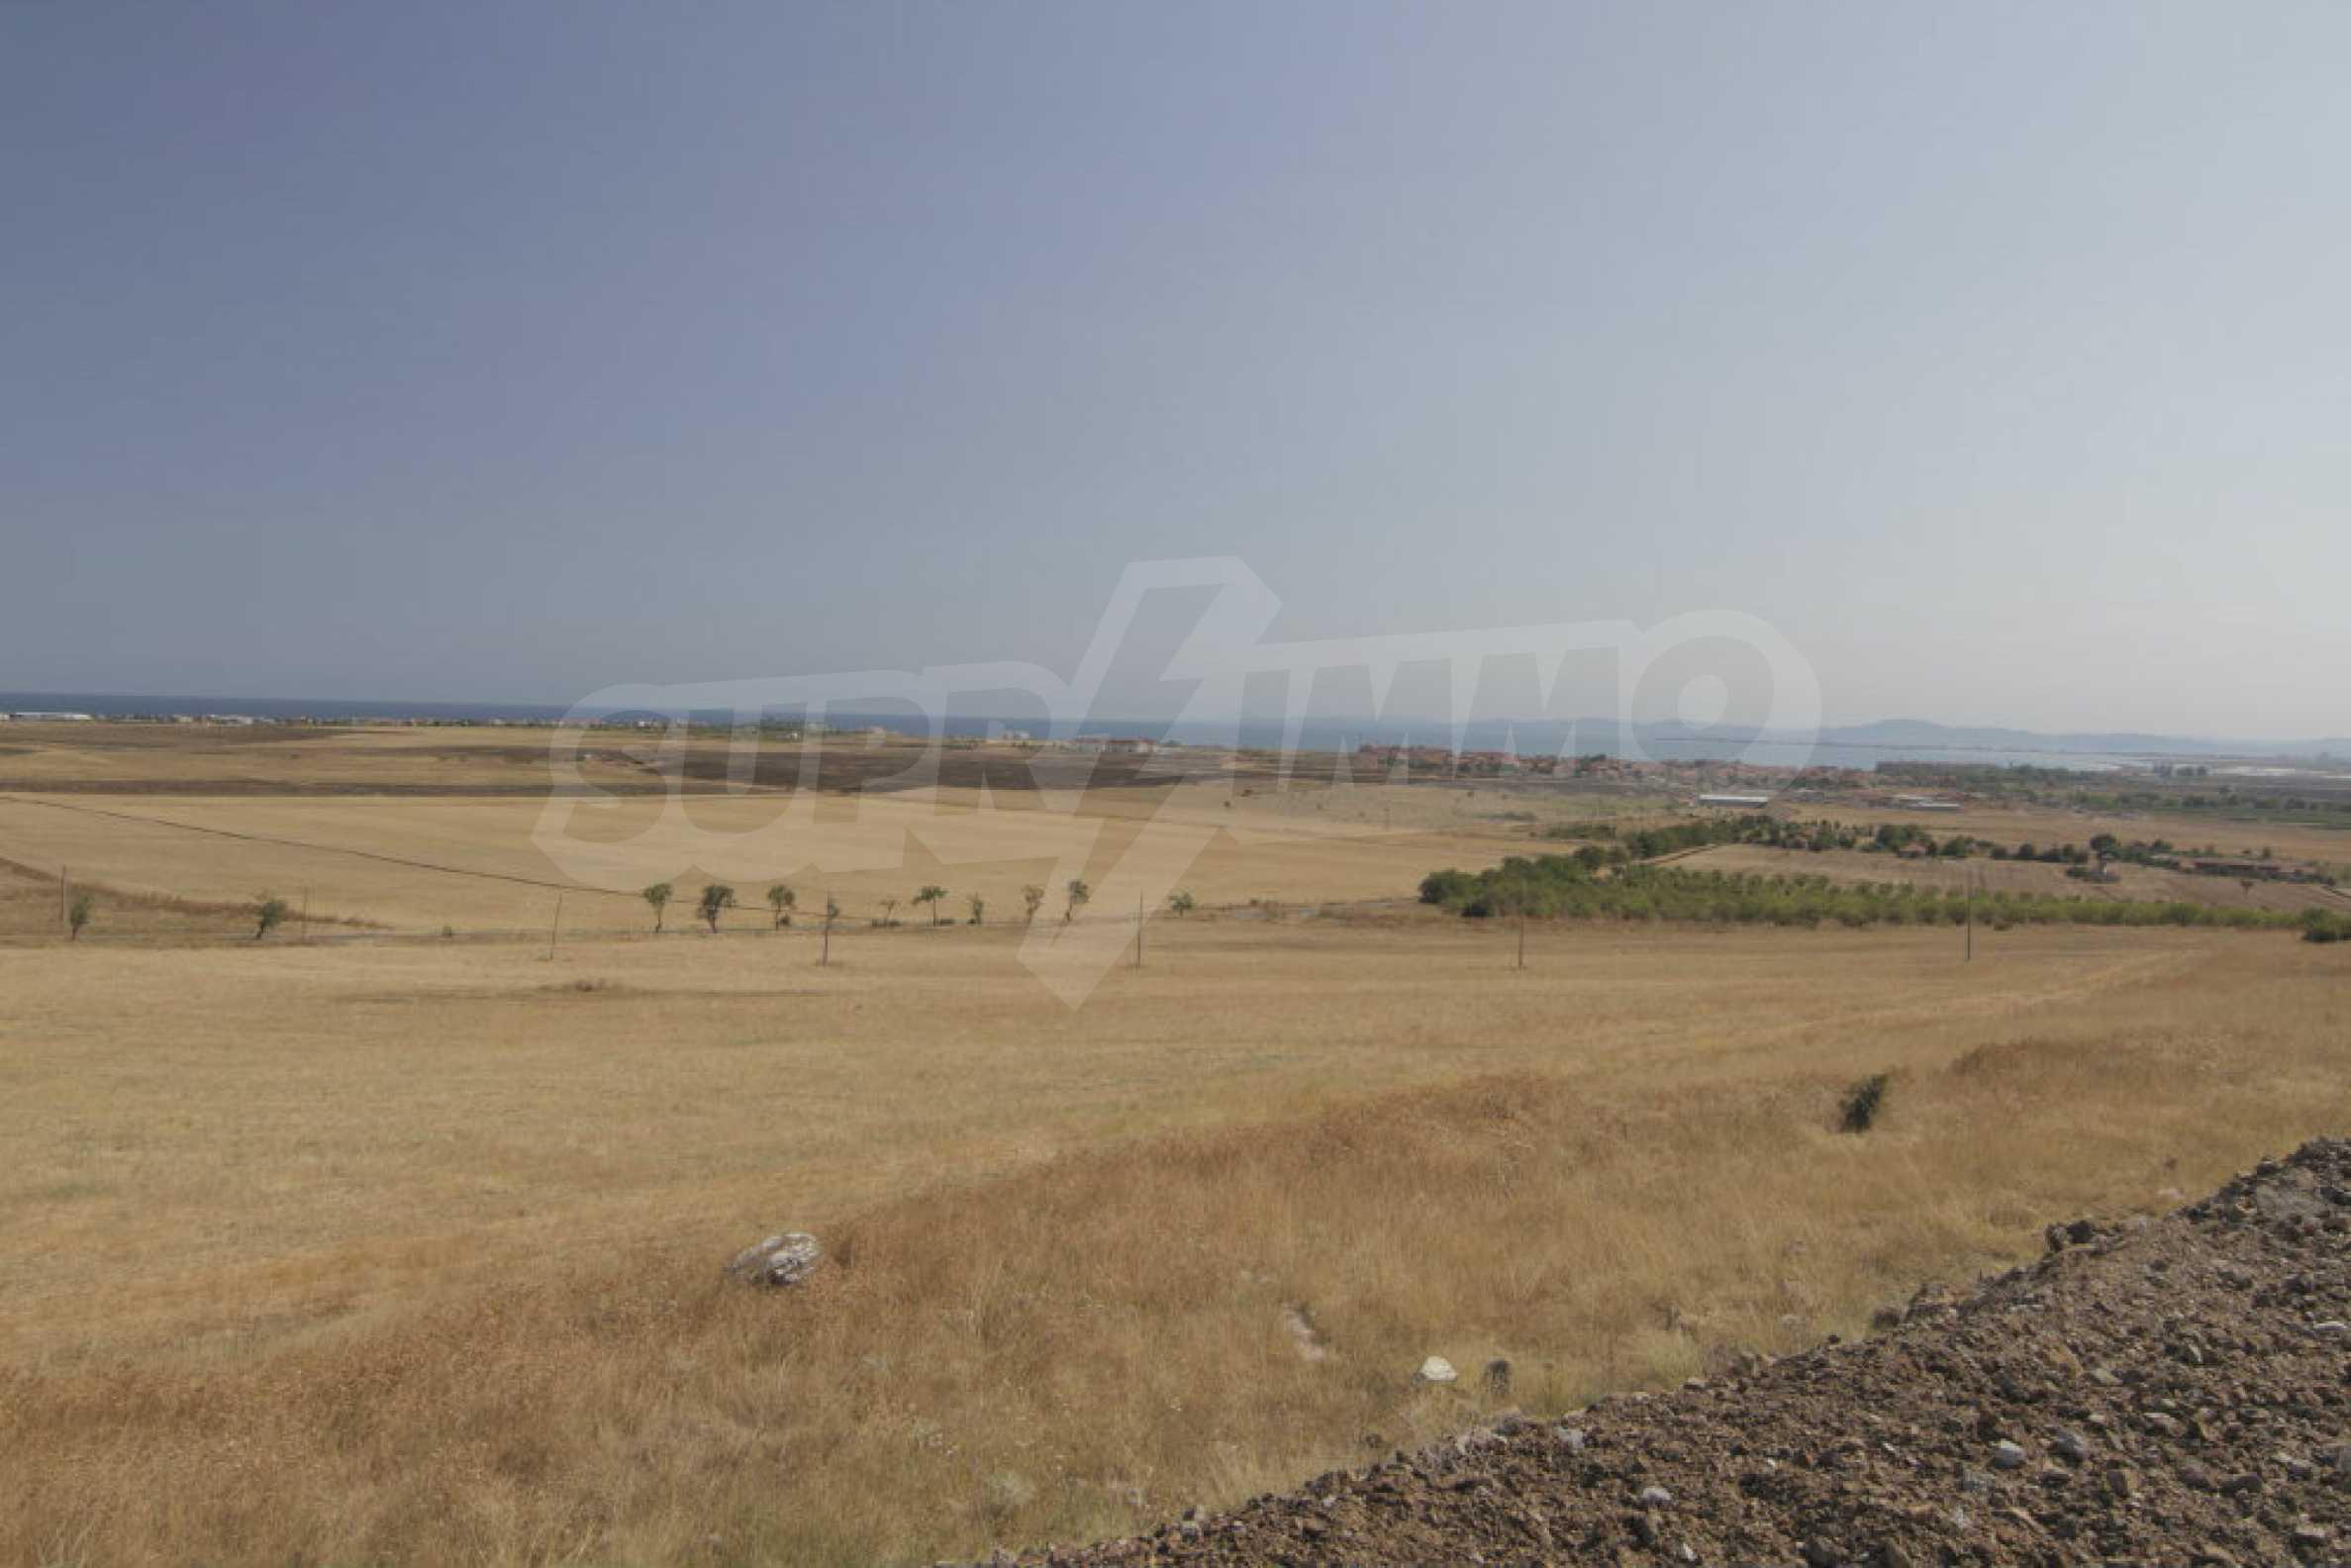 Attraktives Grundstück für Investieren in der Nähe des historischen Komplexes Aheloy 917 und Sonnenstrand, bei Tankowo und Aheloy 1